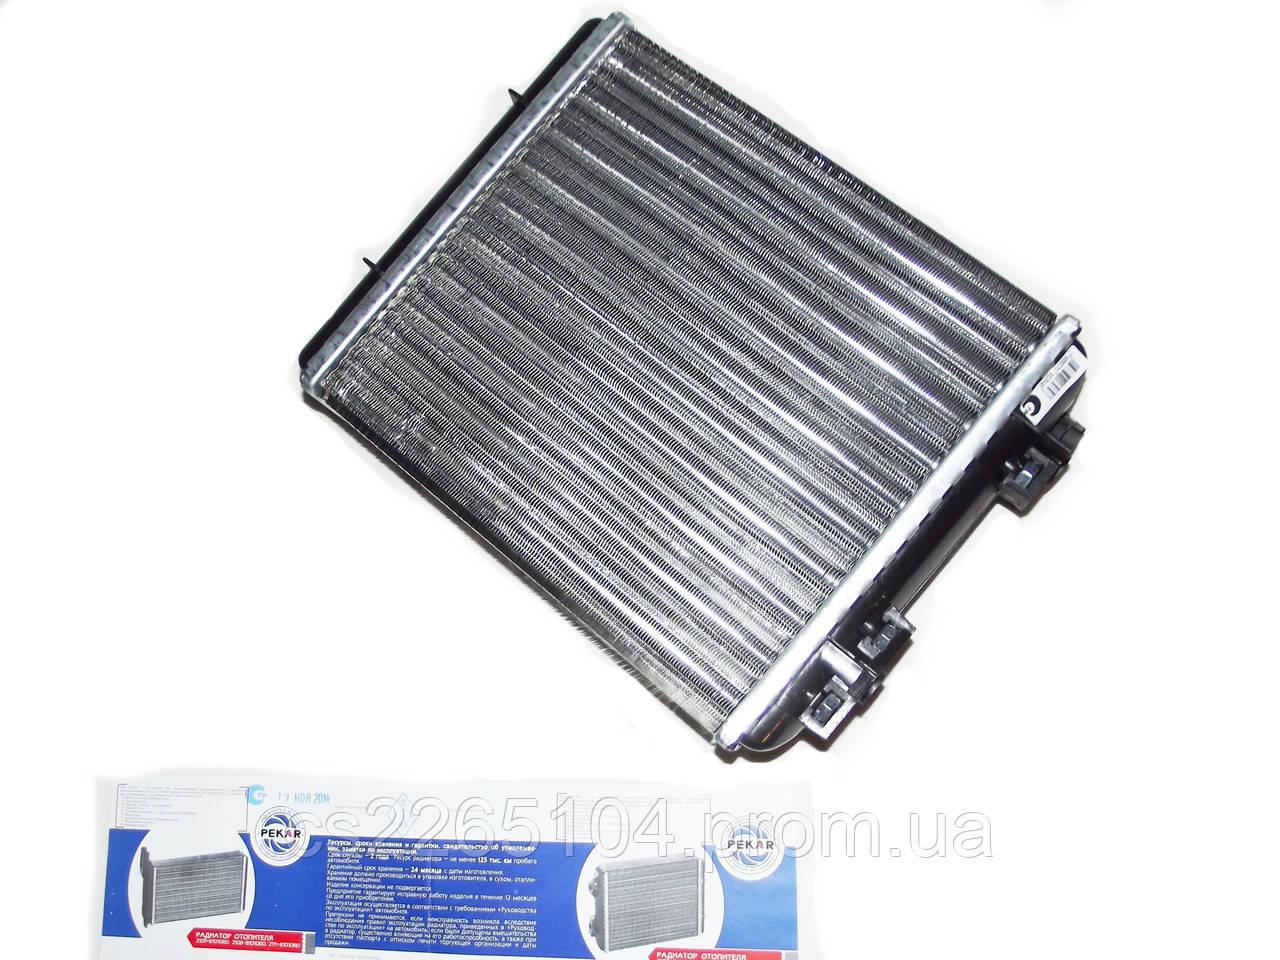 Радиатор отопления ВАЗ 2105 Пекар